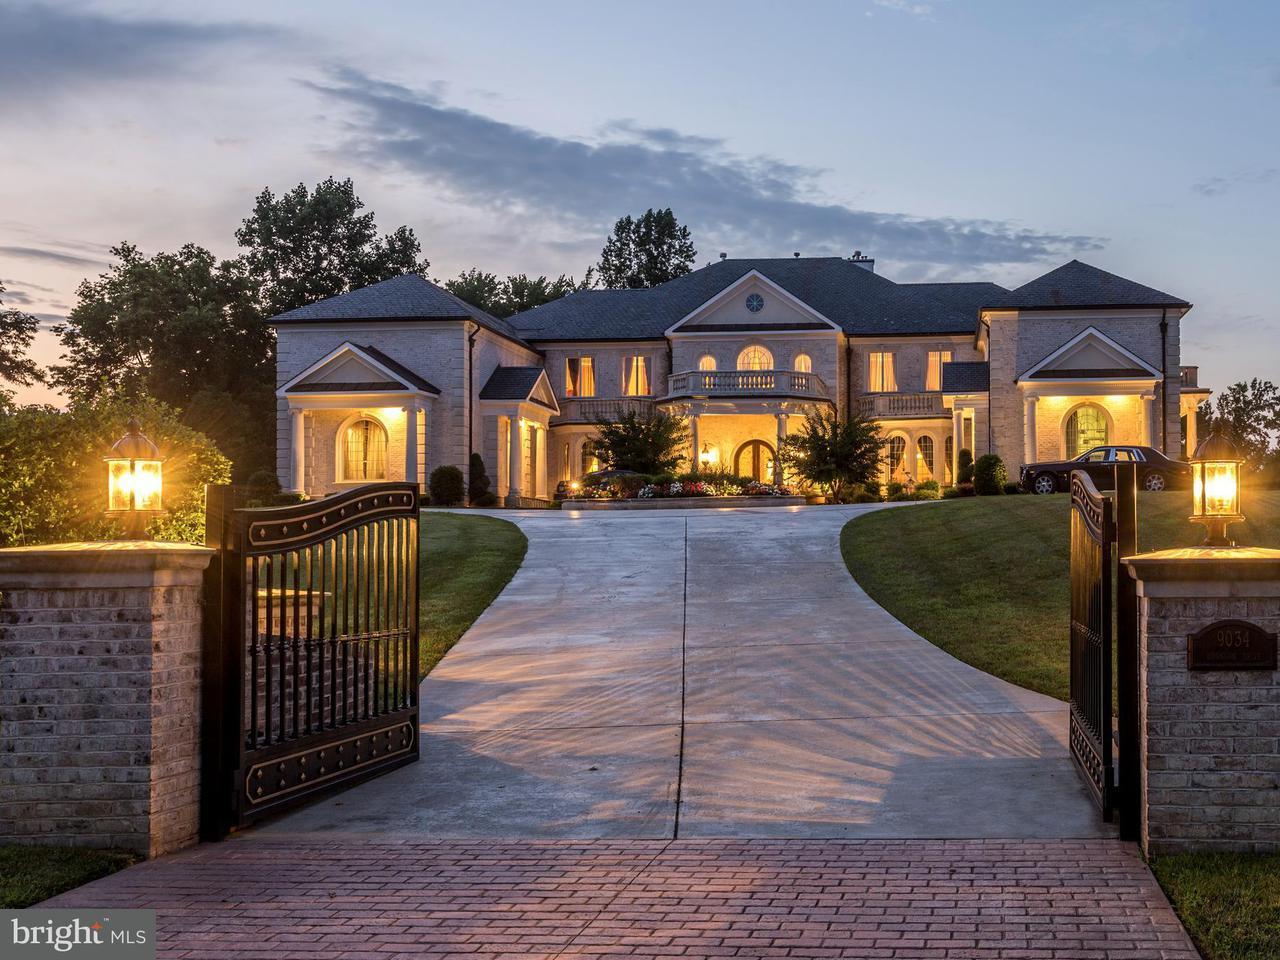 Частный односемейный дом для того Продажа на 9034 BRONSON Drive 9034 BRONSON Drive Potomac, Мэриленд 20854 Соединенные Штаты